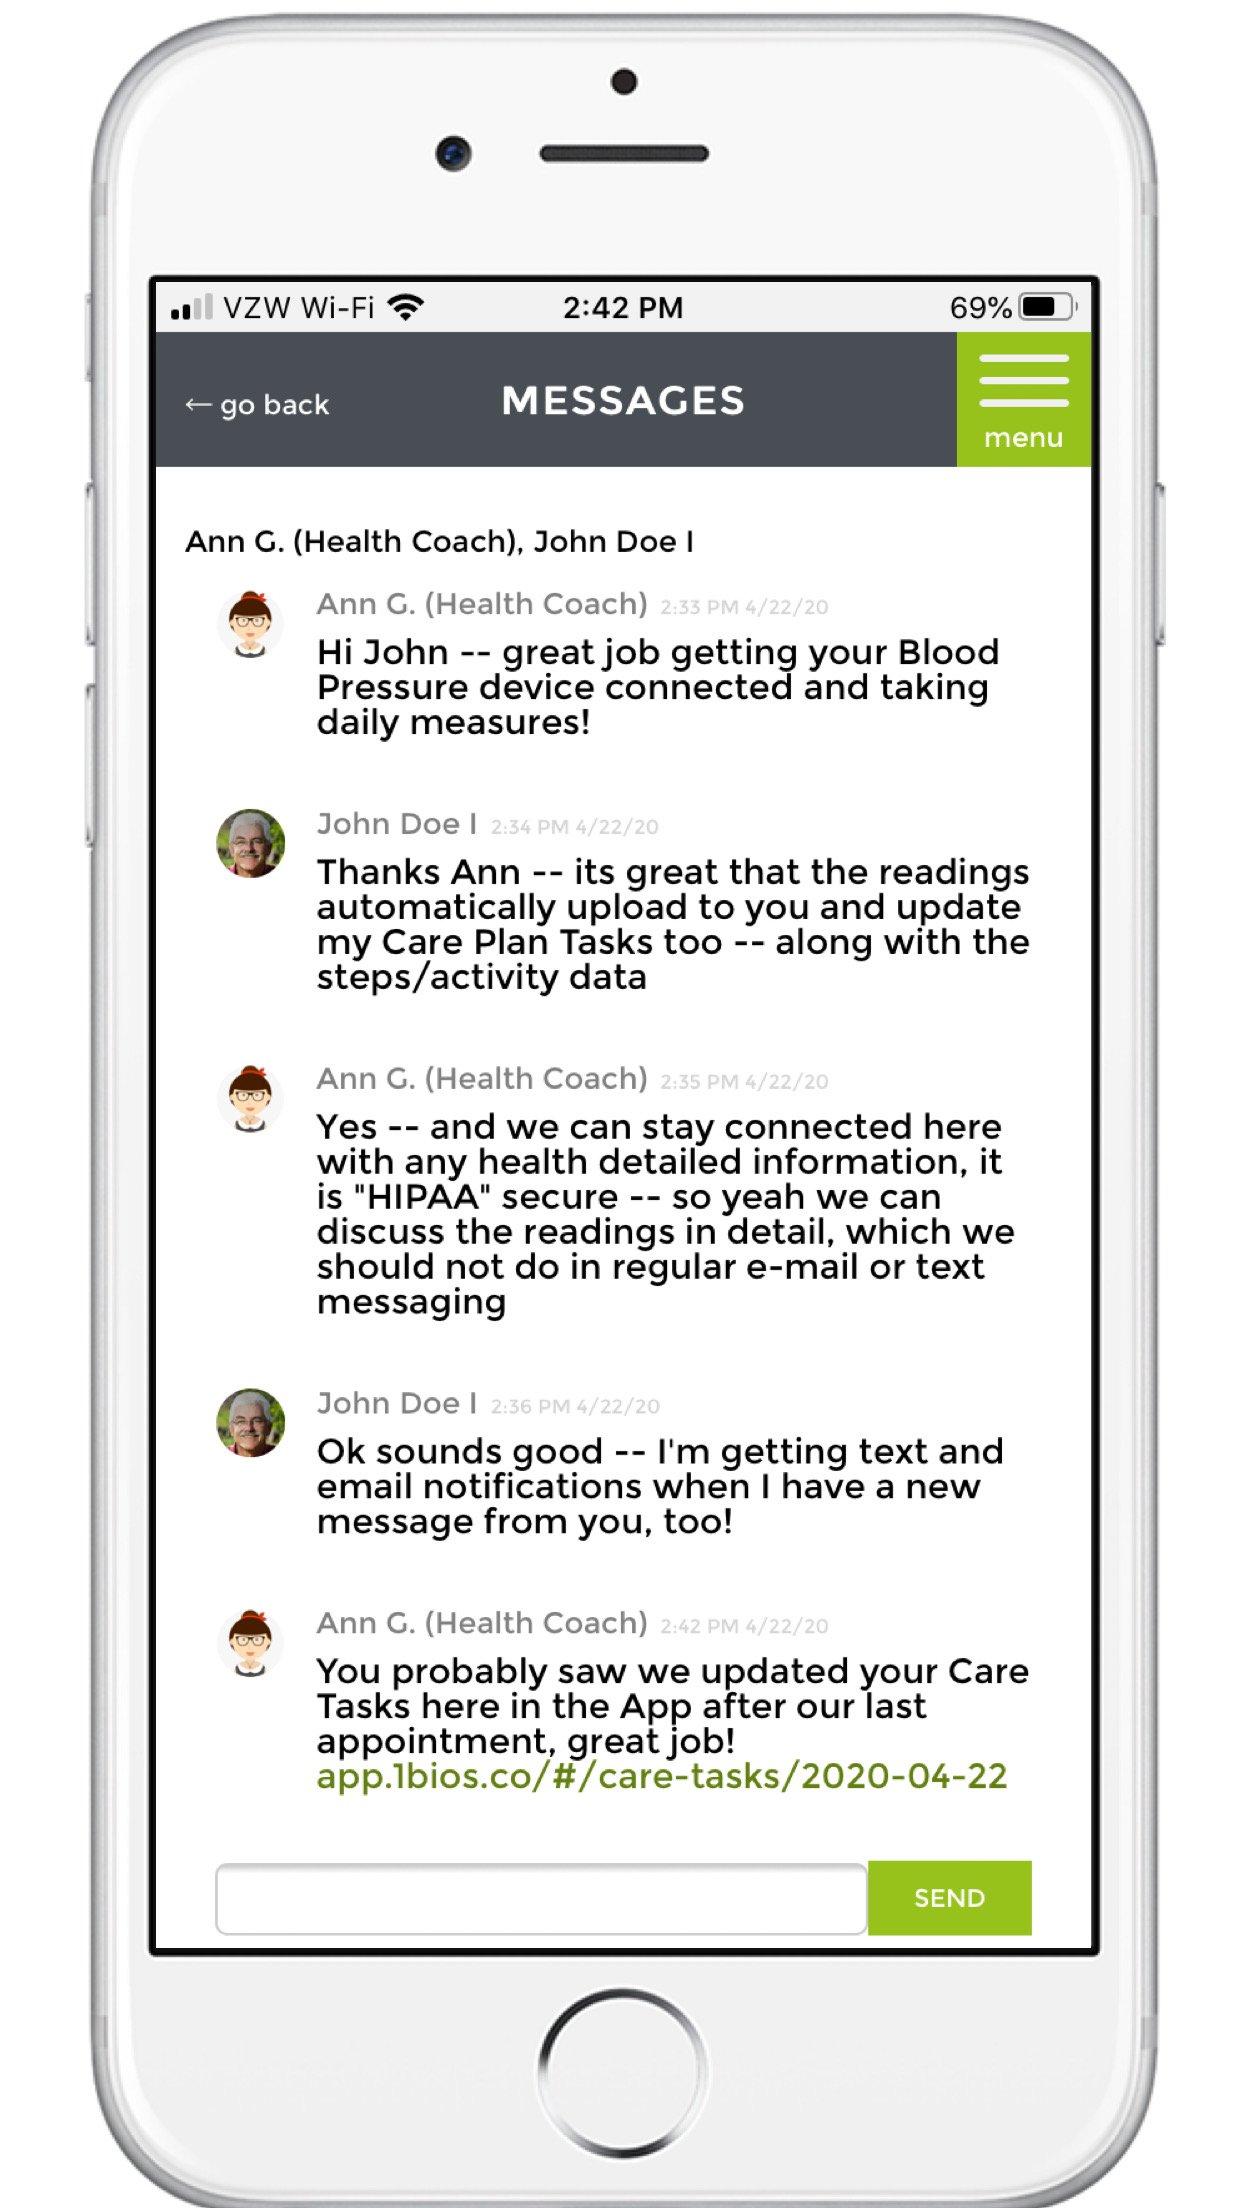 mobile-hipaa-chat-messaging-screenshot-1bios